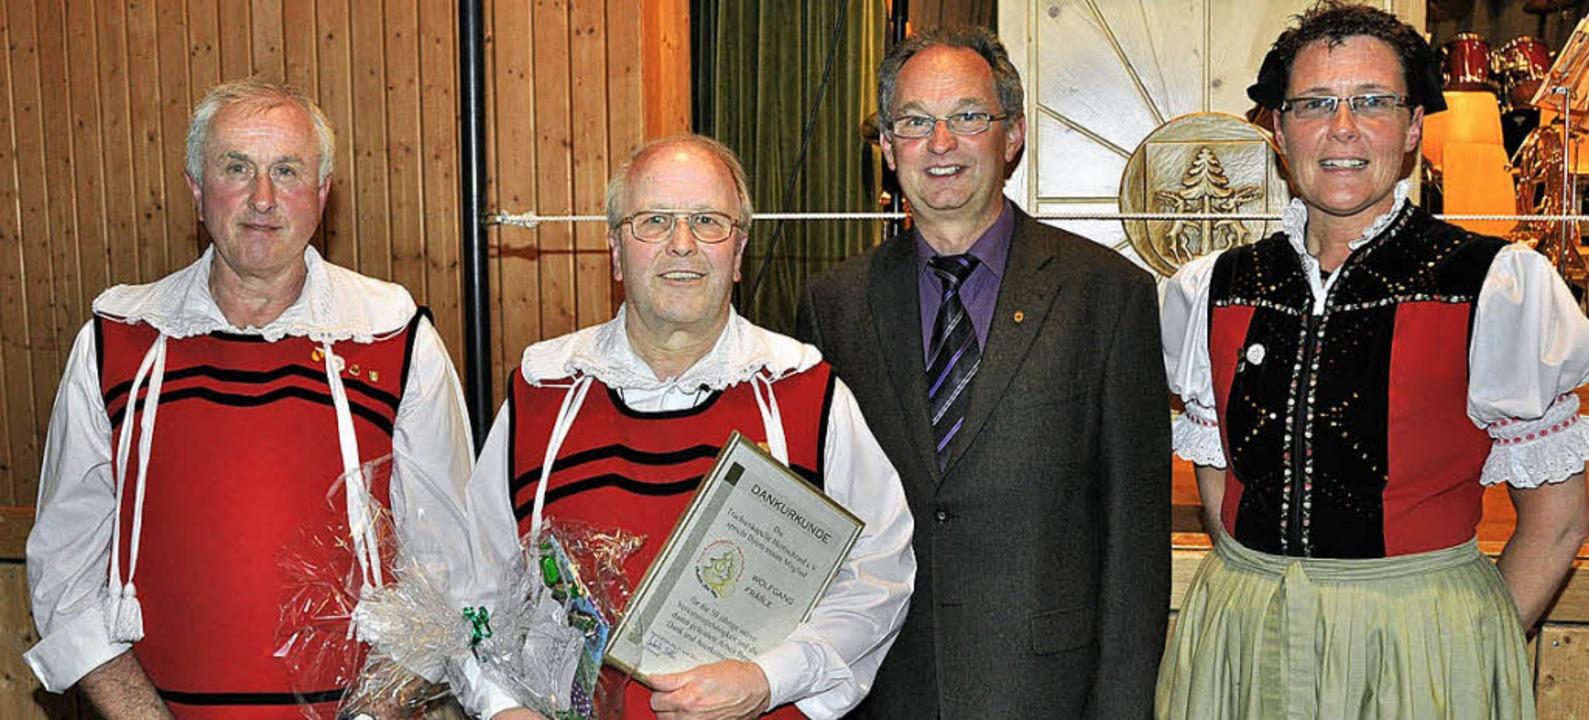 Für 40 Jahre aktive Tätigkeit bei der ...die große goldene Ehrennadel entgegen.  | Foto: Kirsten Lux